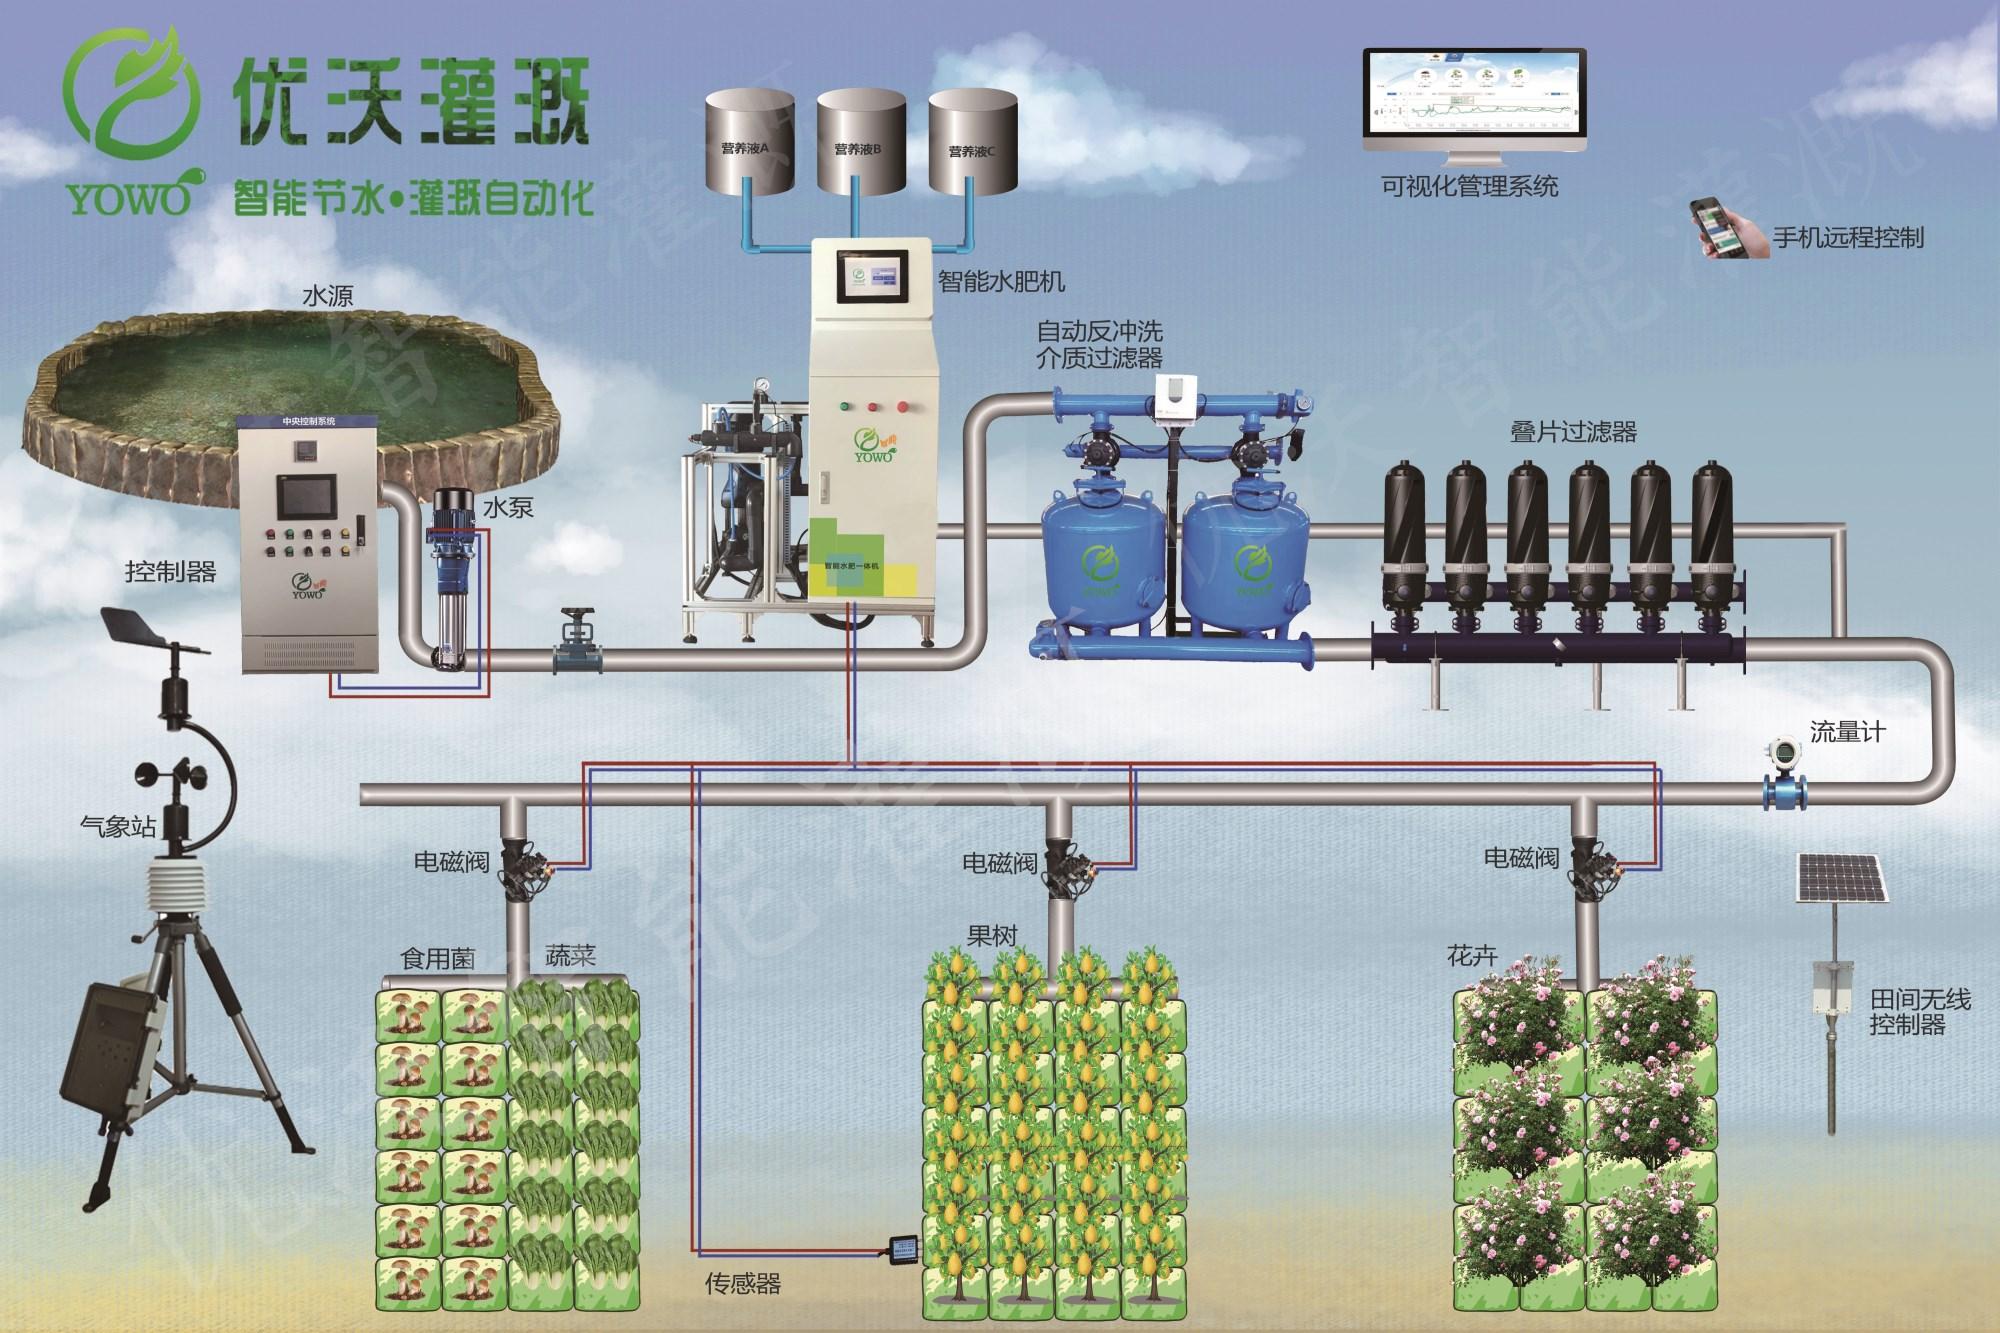 水肥一体化示意图